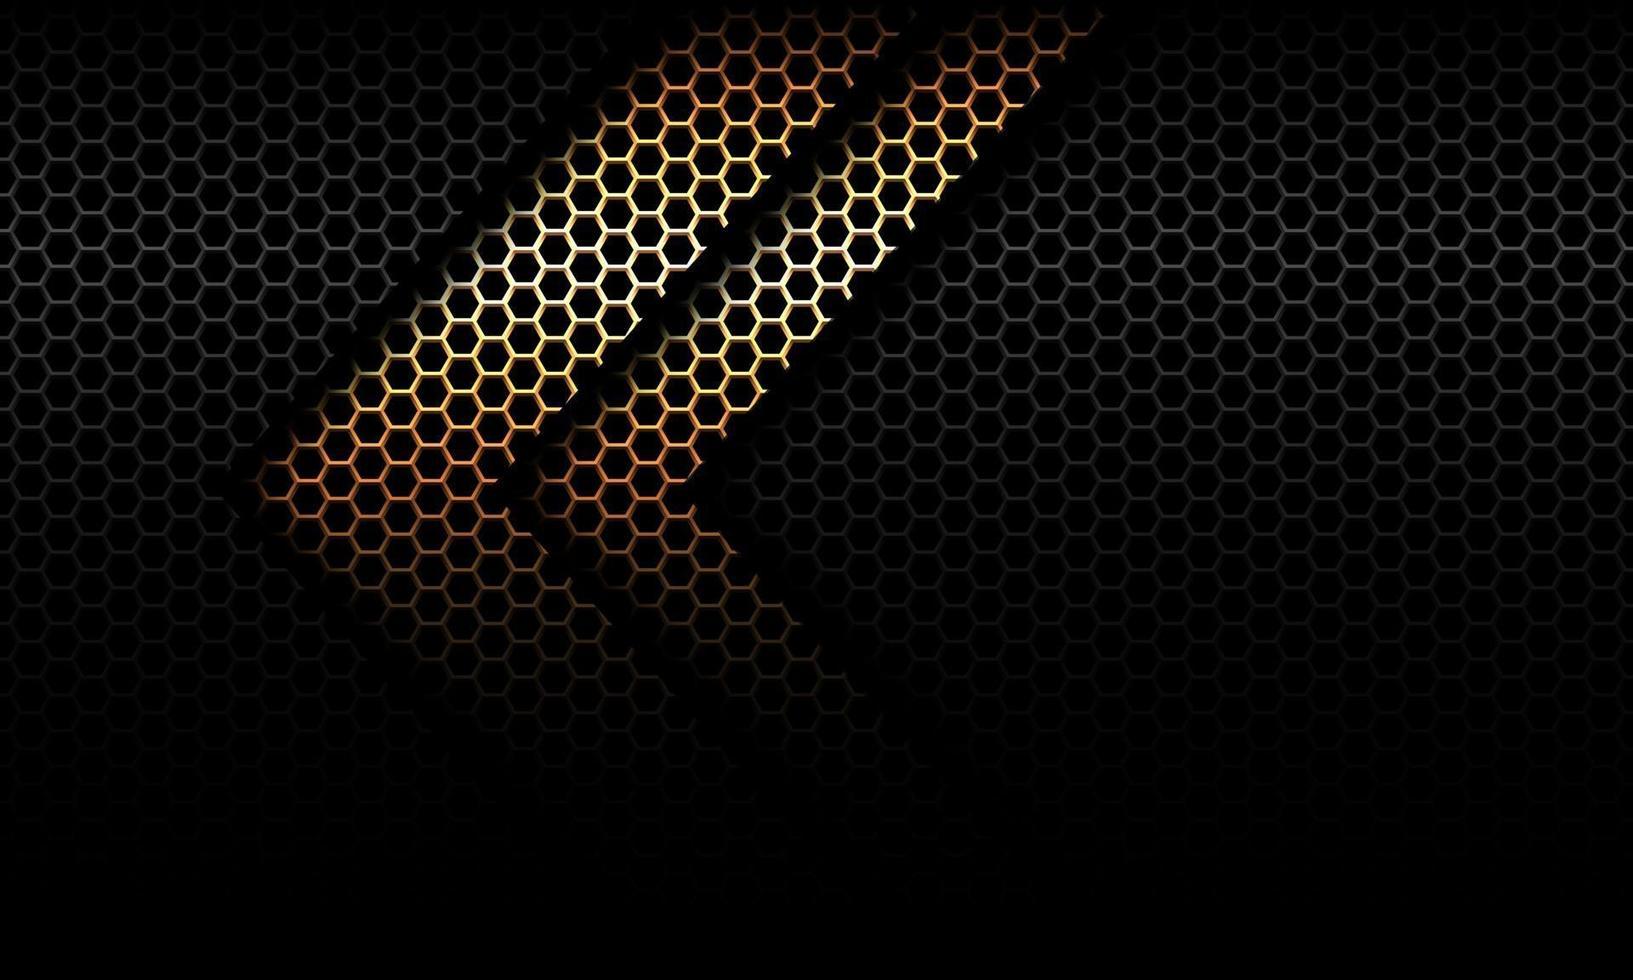 abstrakte goldene Pfeilschattenrichtung auf moderner futuristischer Hintergrundvektorillustration des schwarzen Sechsecknetzdesigns. vektor